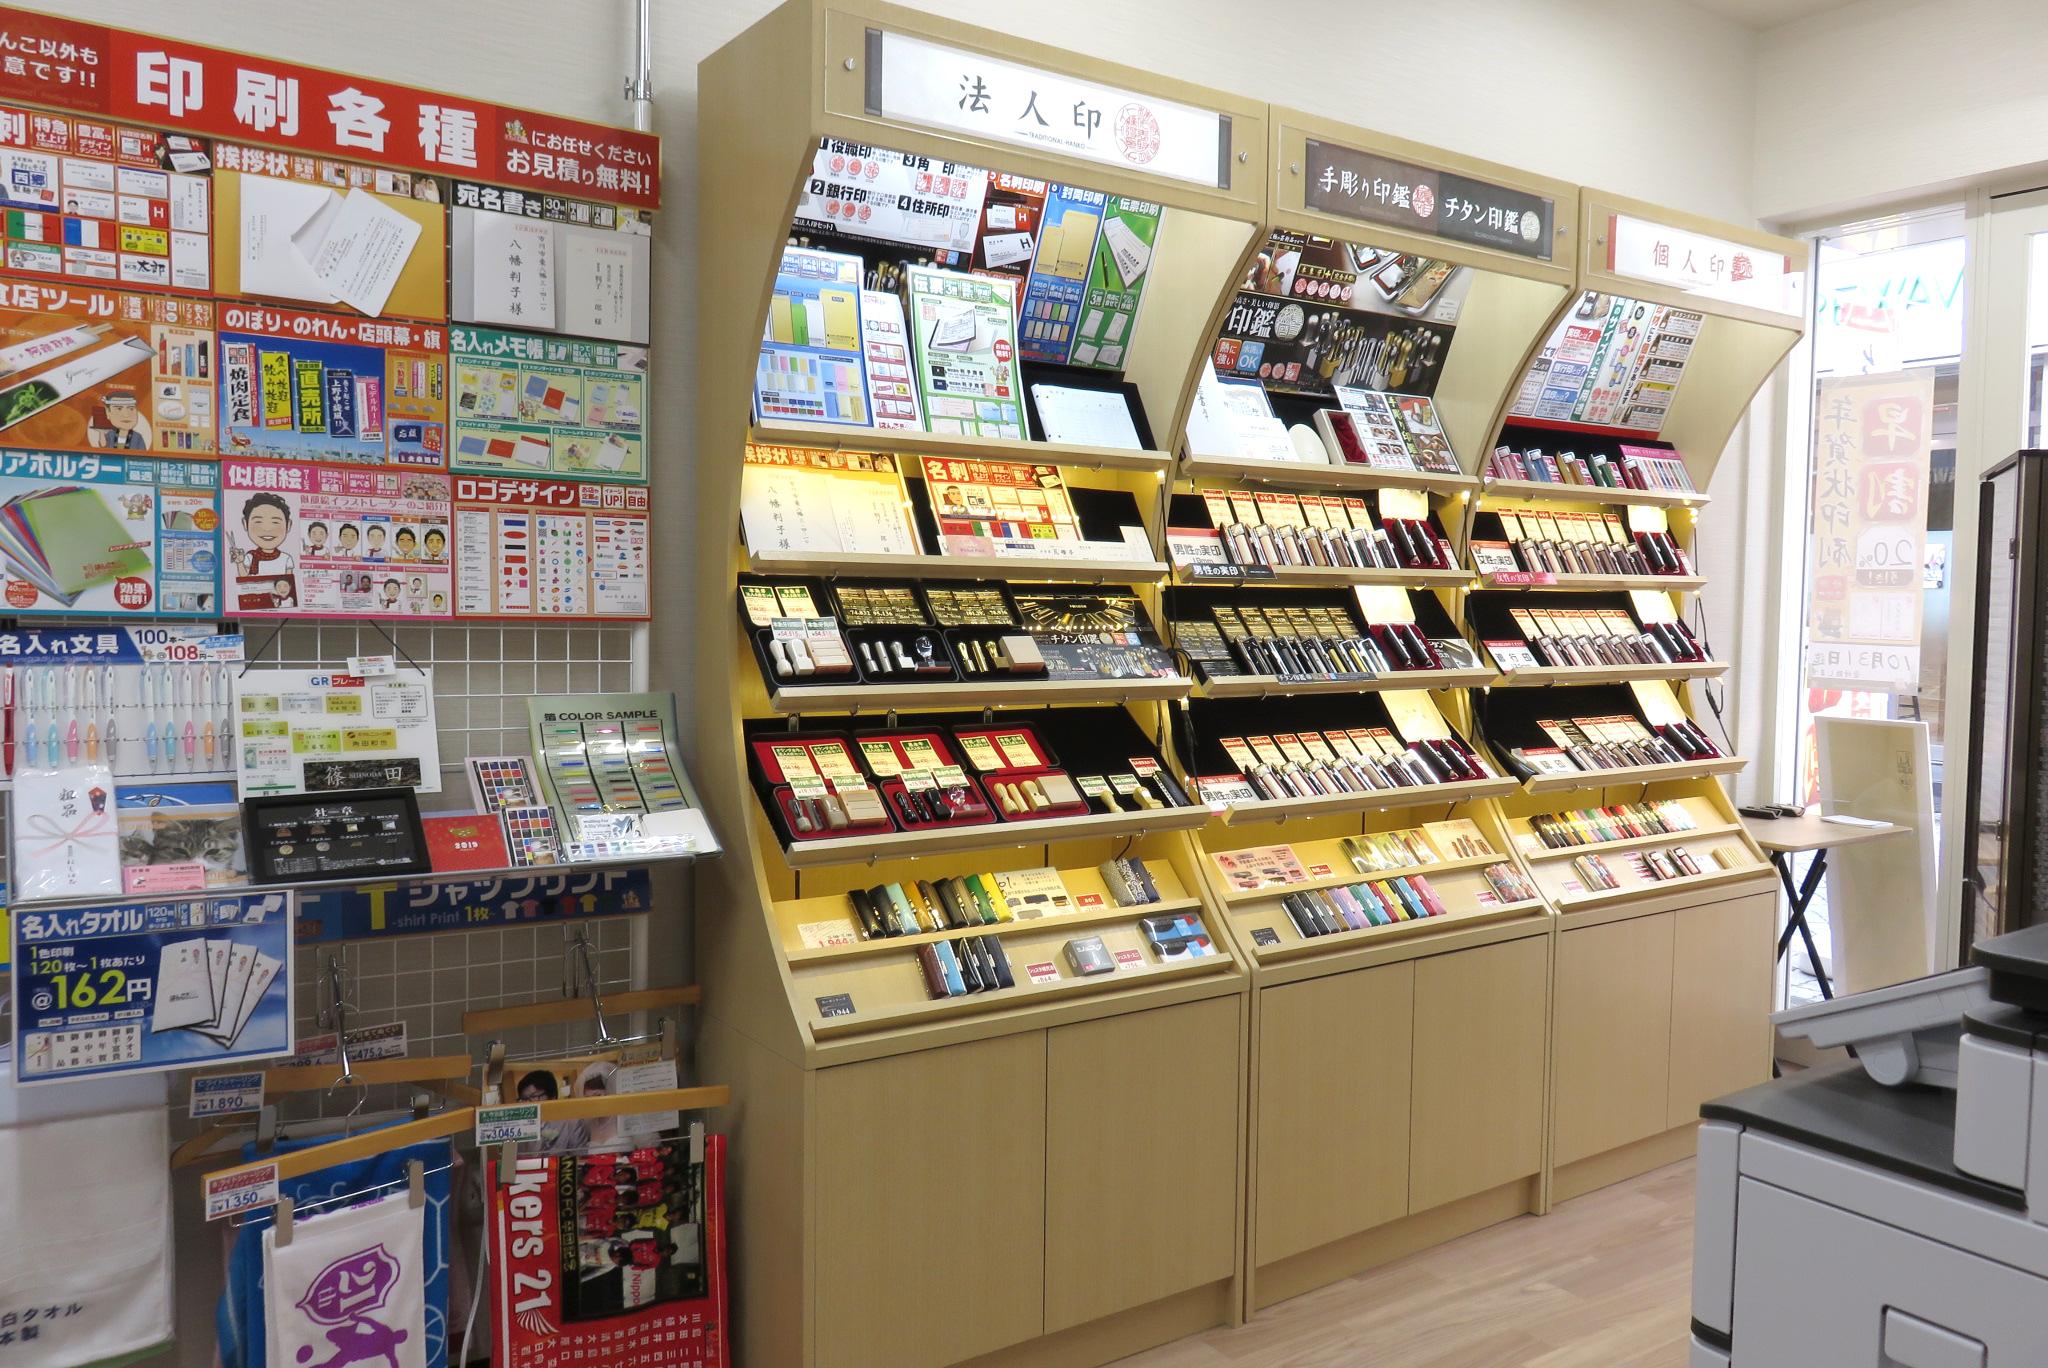 はんこ屋さん21 高円寺店